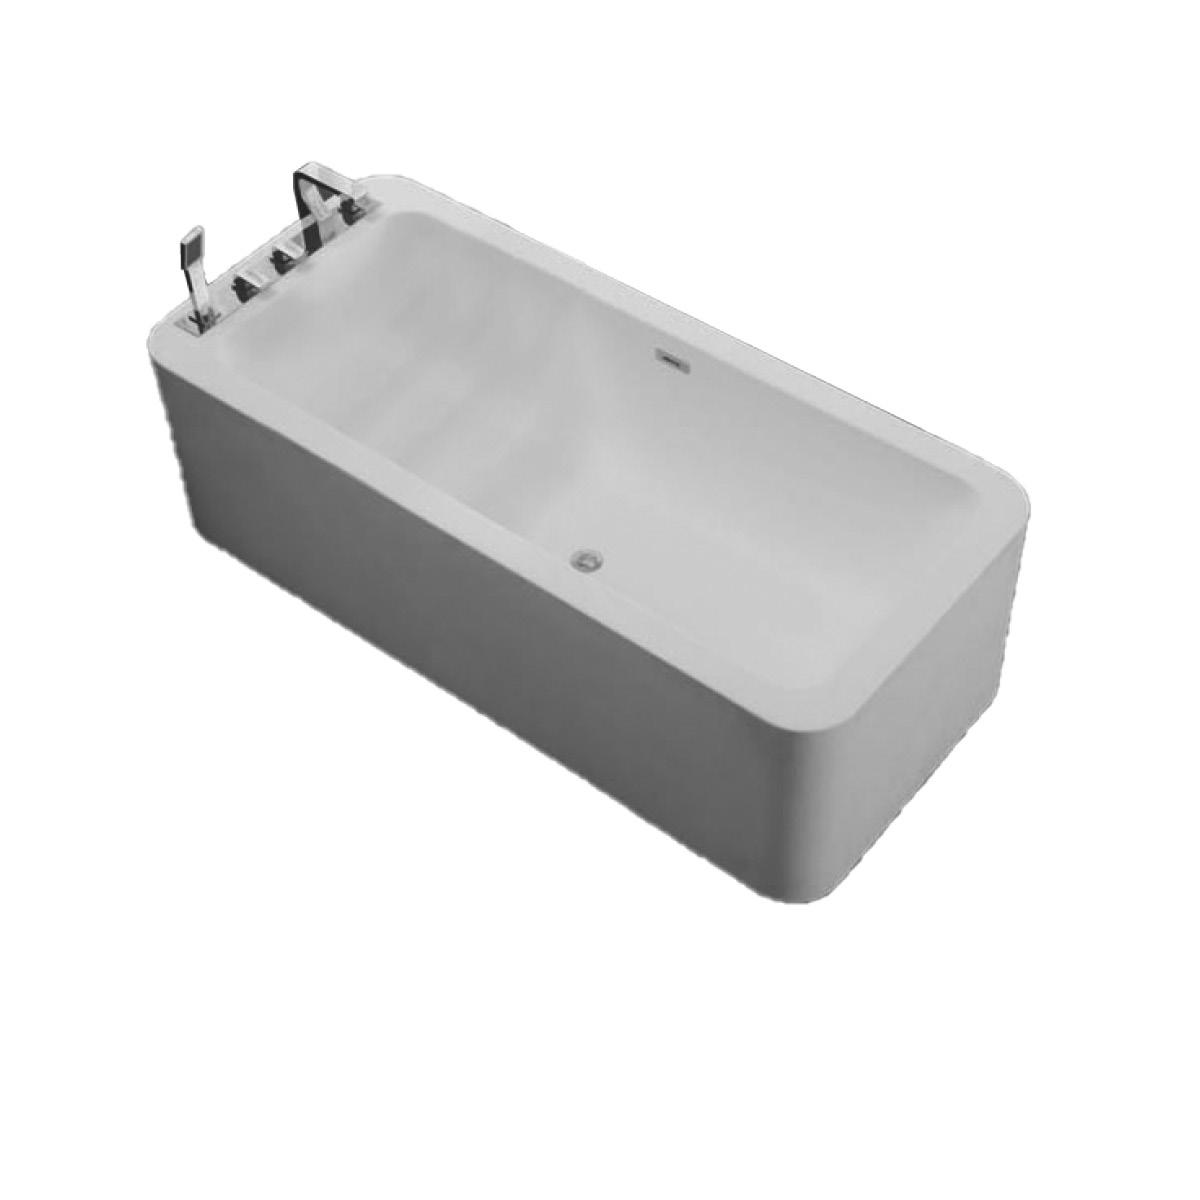 Freistehende Badewanne aus Mineralguss KZOAO-1180